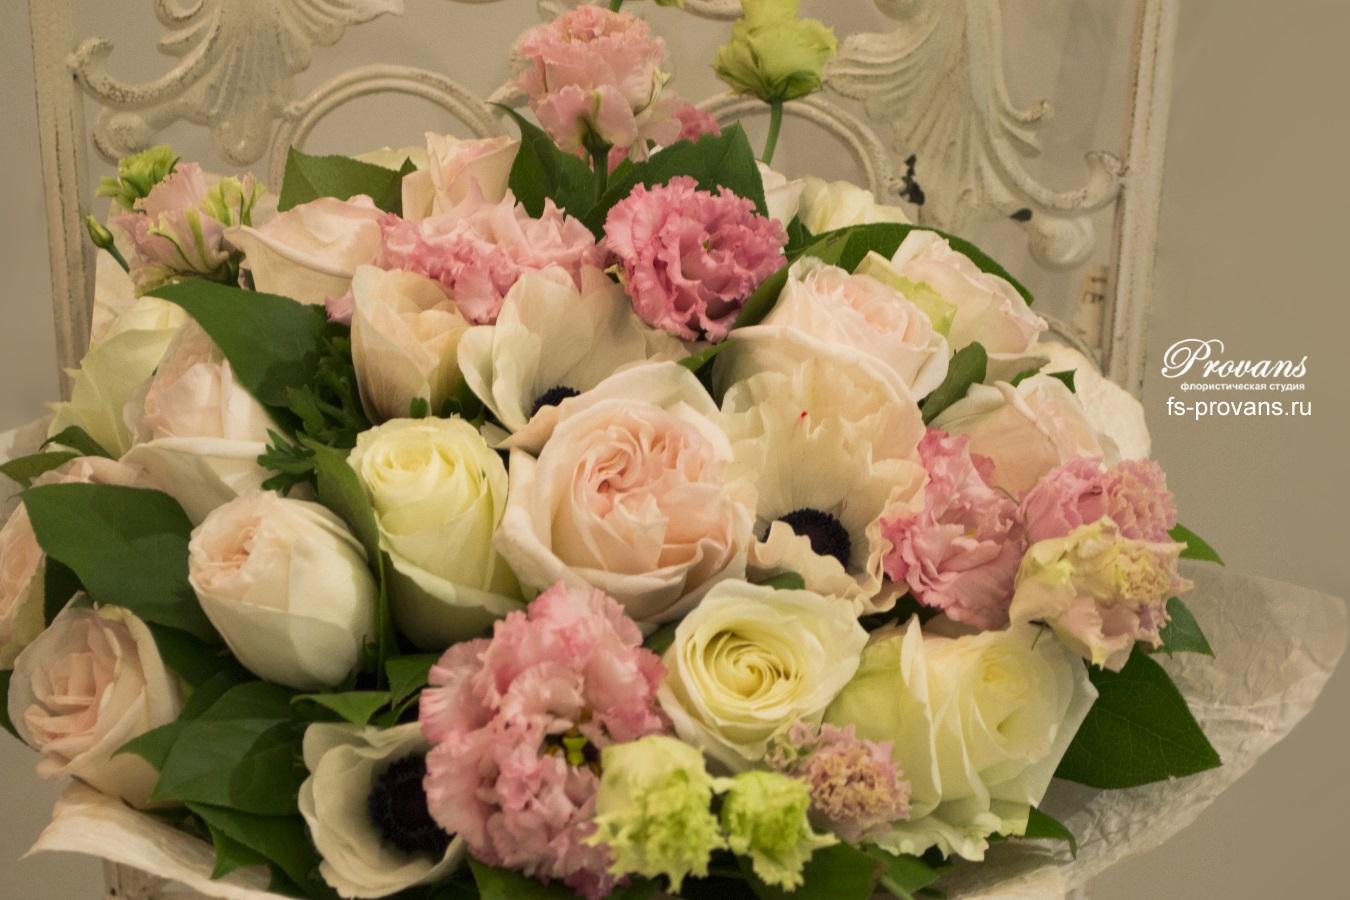 Букет на юбилей. Розы, эустома, анемоны